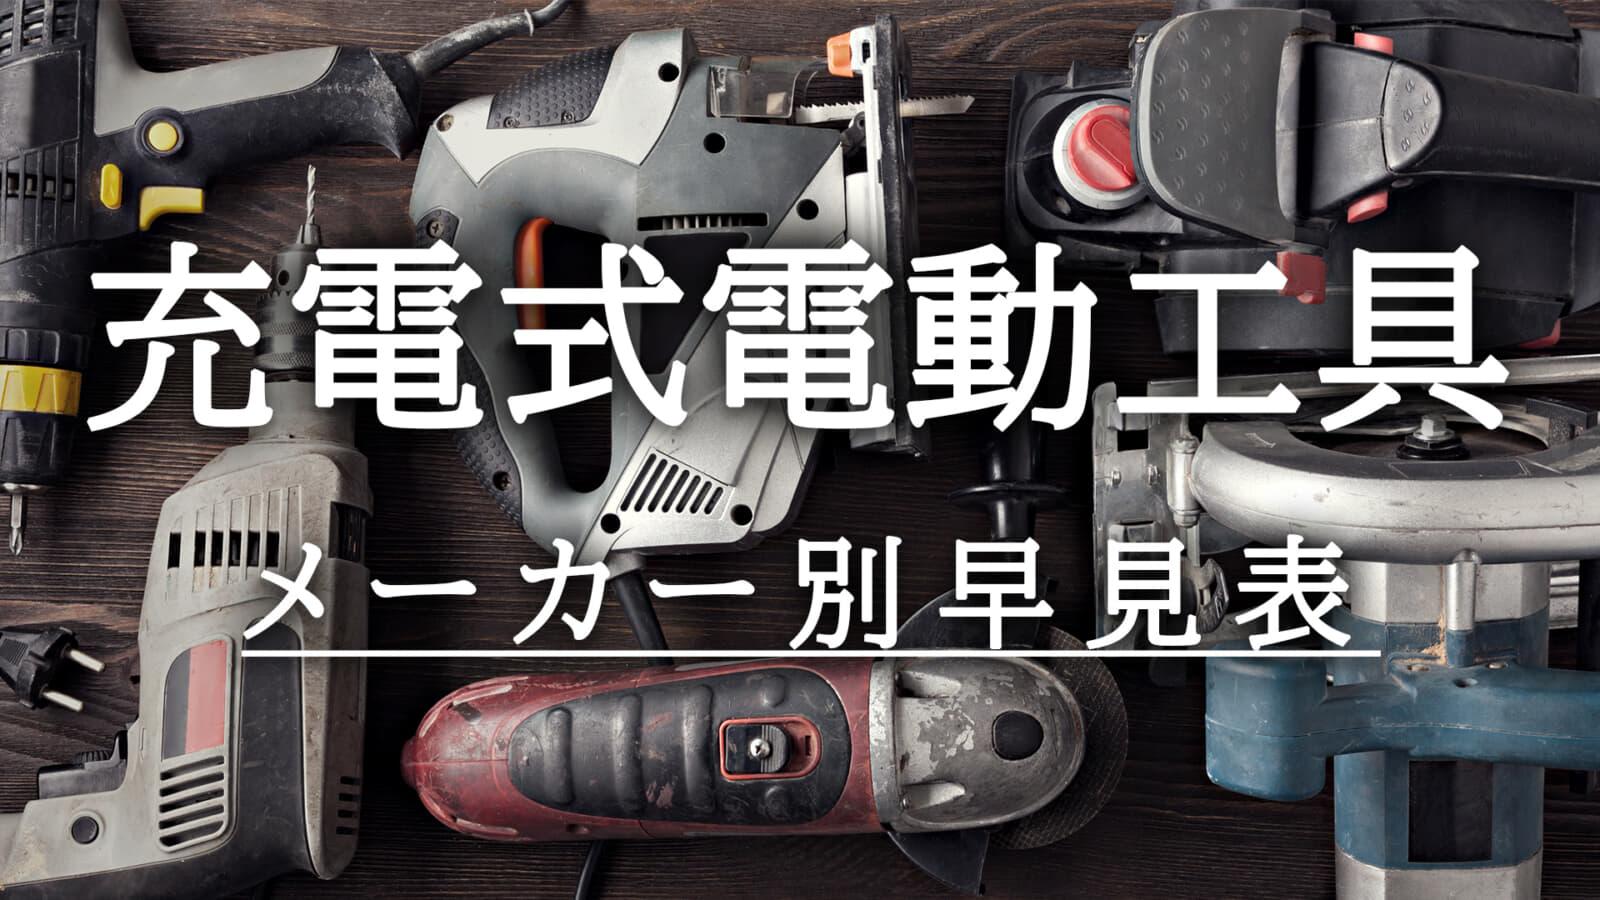 充電式電動工具 メーカー別早見表【4月16日更新】